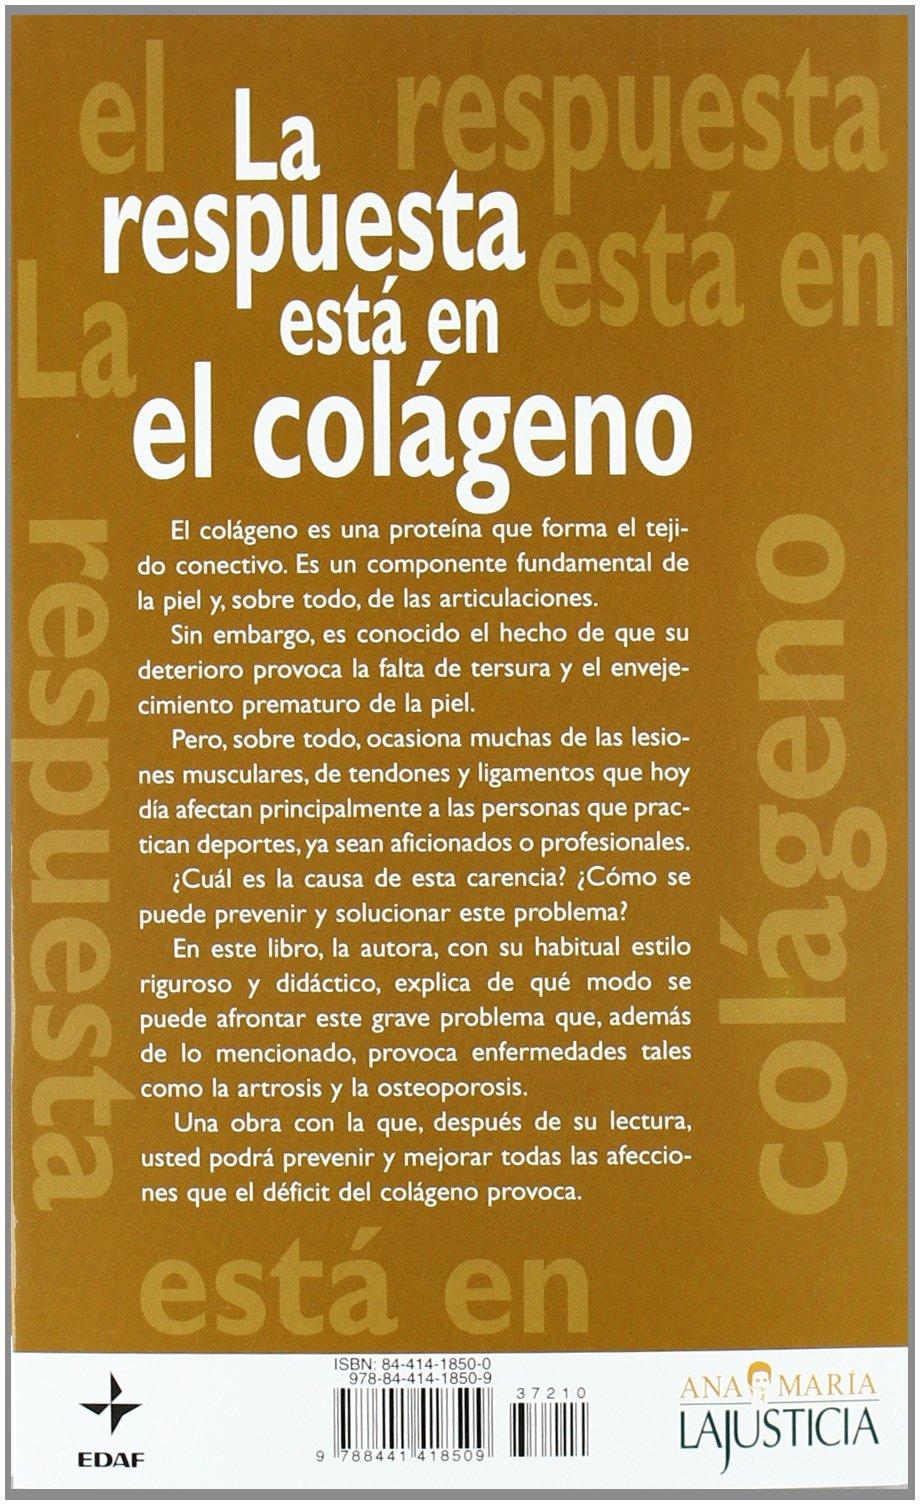 Respuesta Esta En El Colageno, La: Amazon.es: Ana Maria Lajusticia Bergasa: Libros